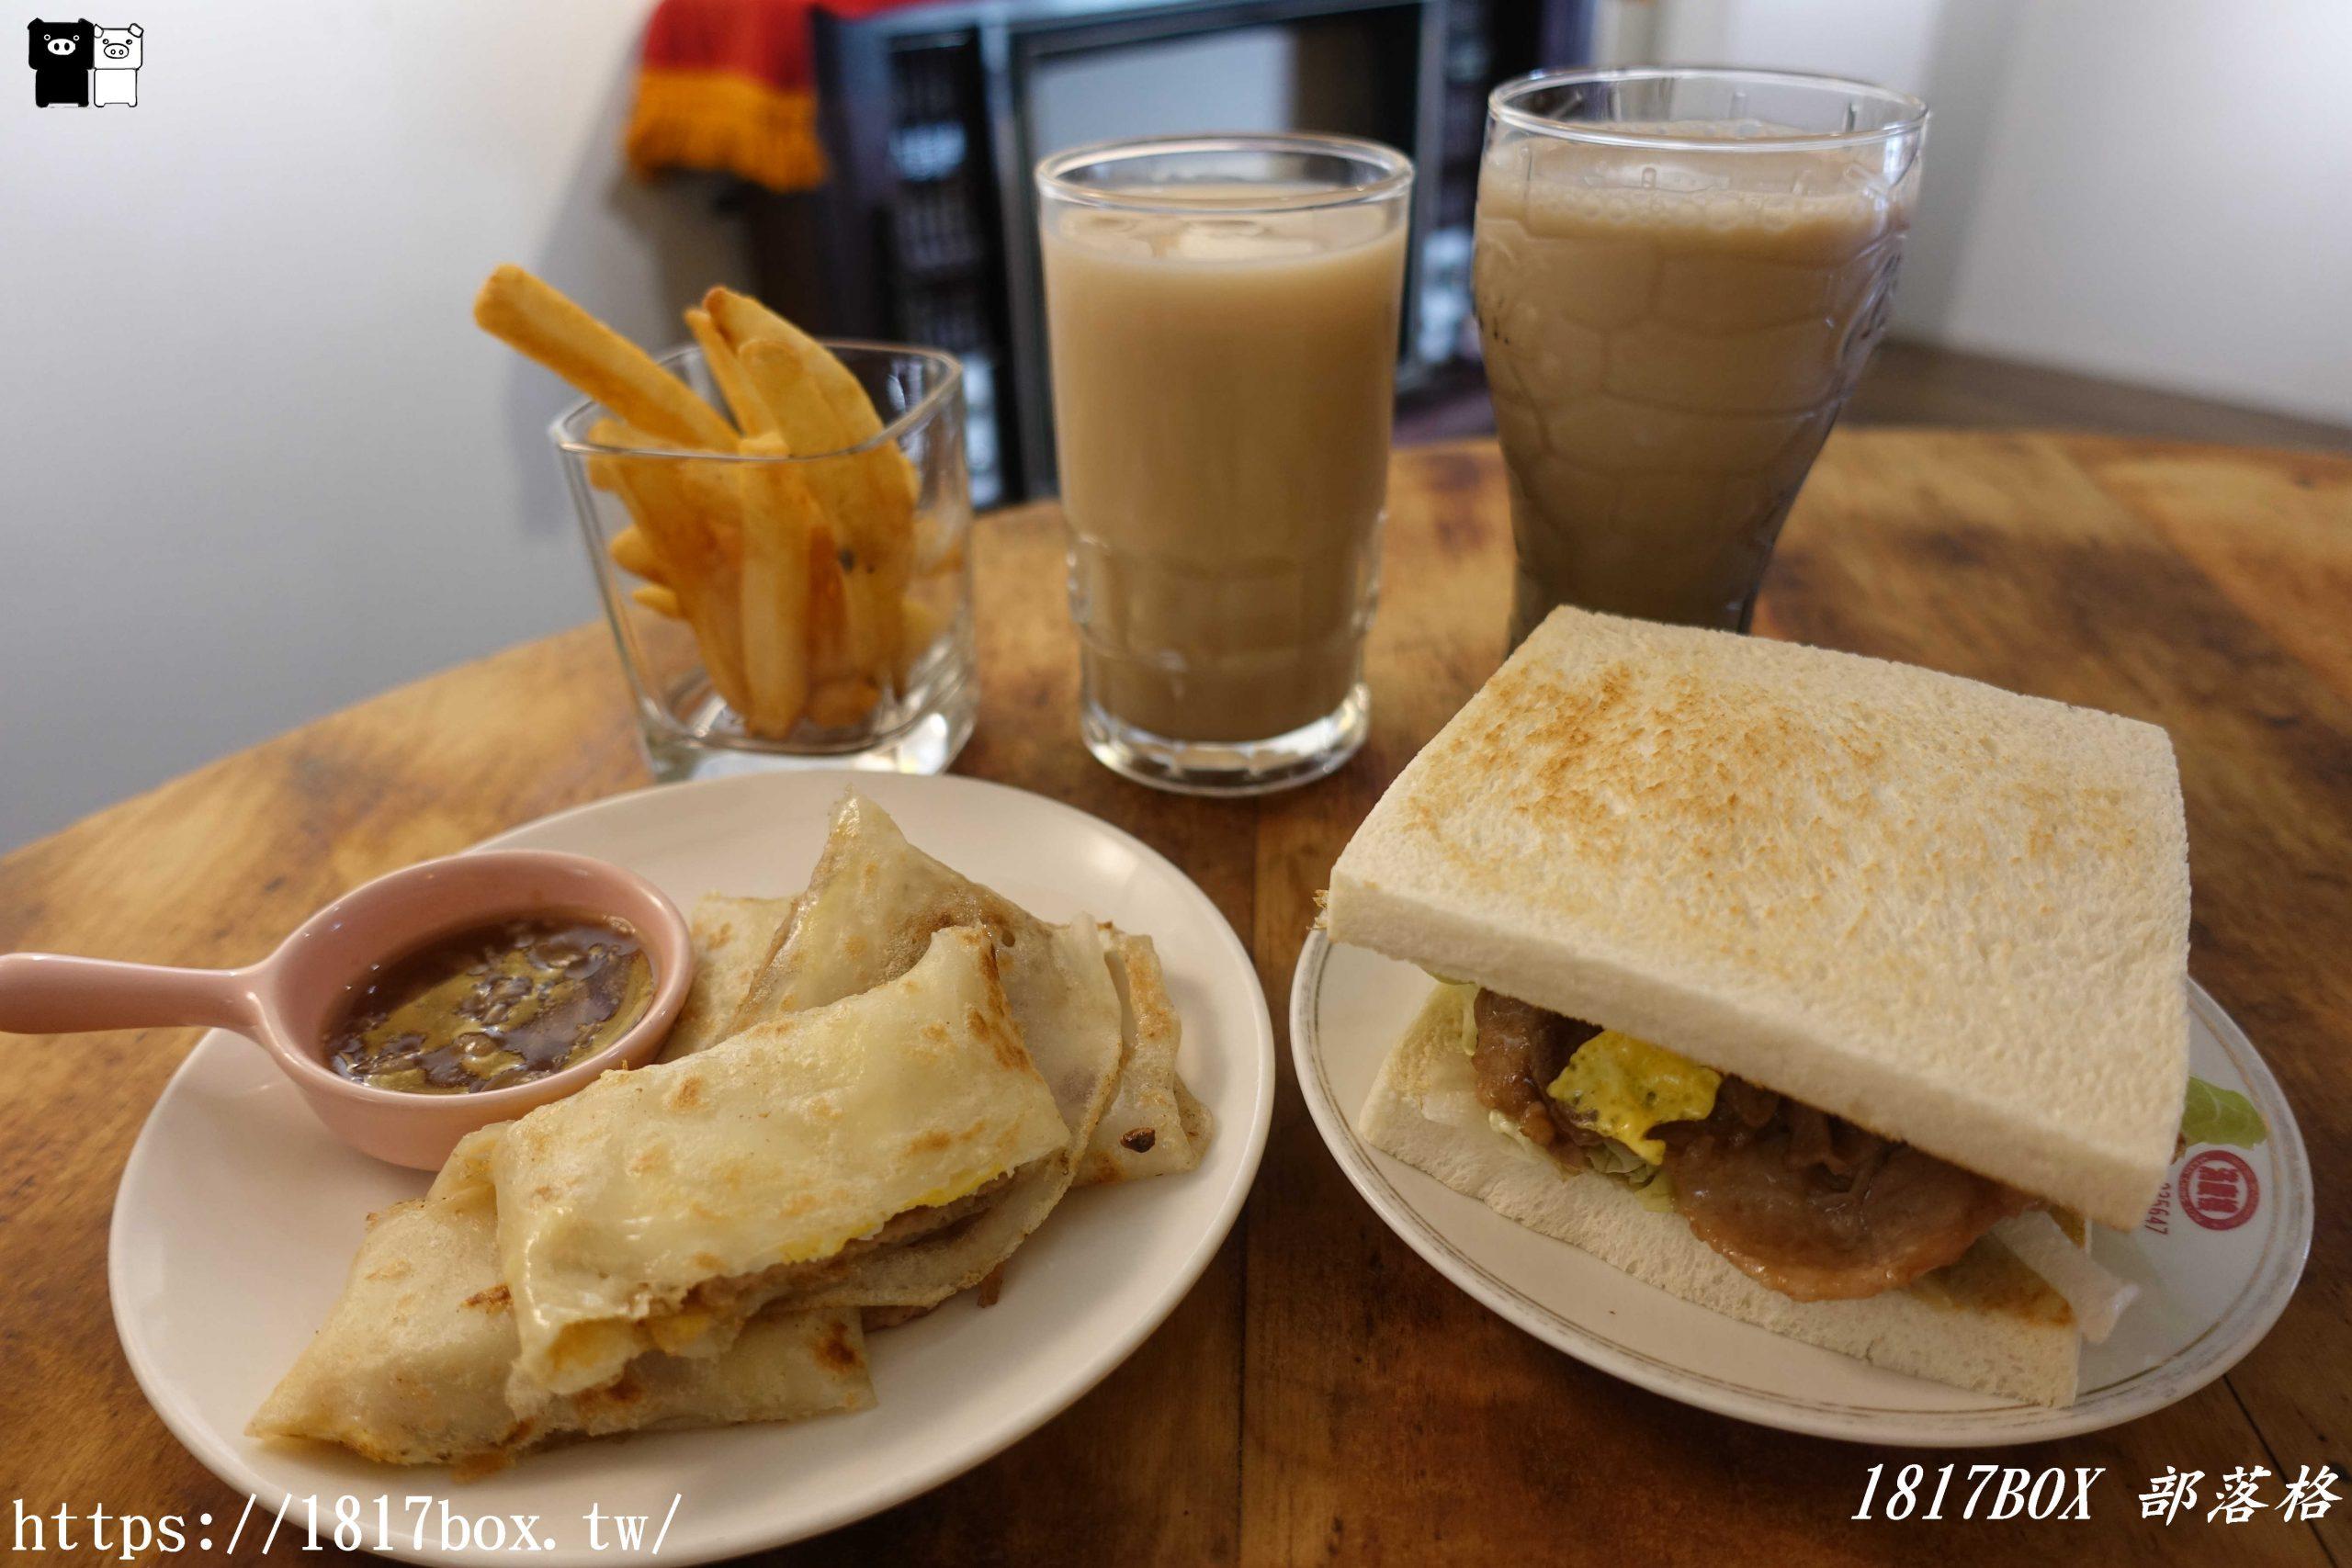 【彰化市】巷仔內復古風早午餐店。惠鴻早點。古早味蛋餅。手工漢堡吐司 @1817BOX部落格